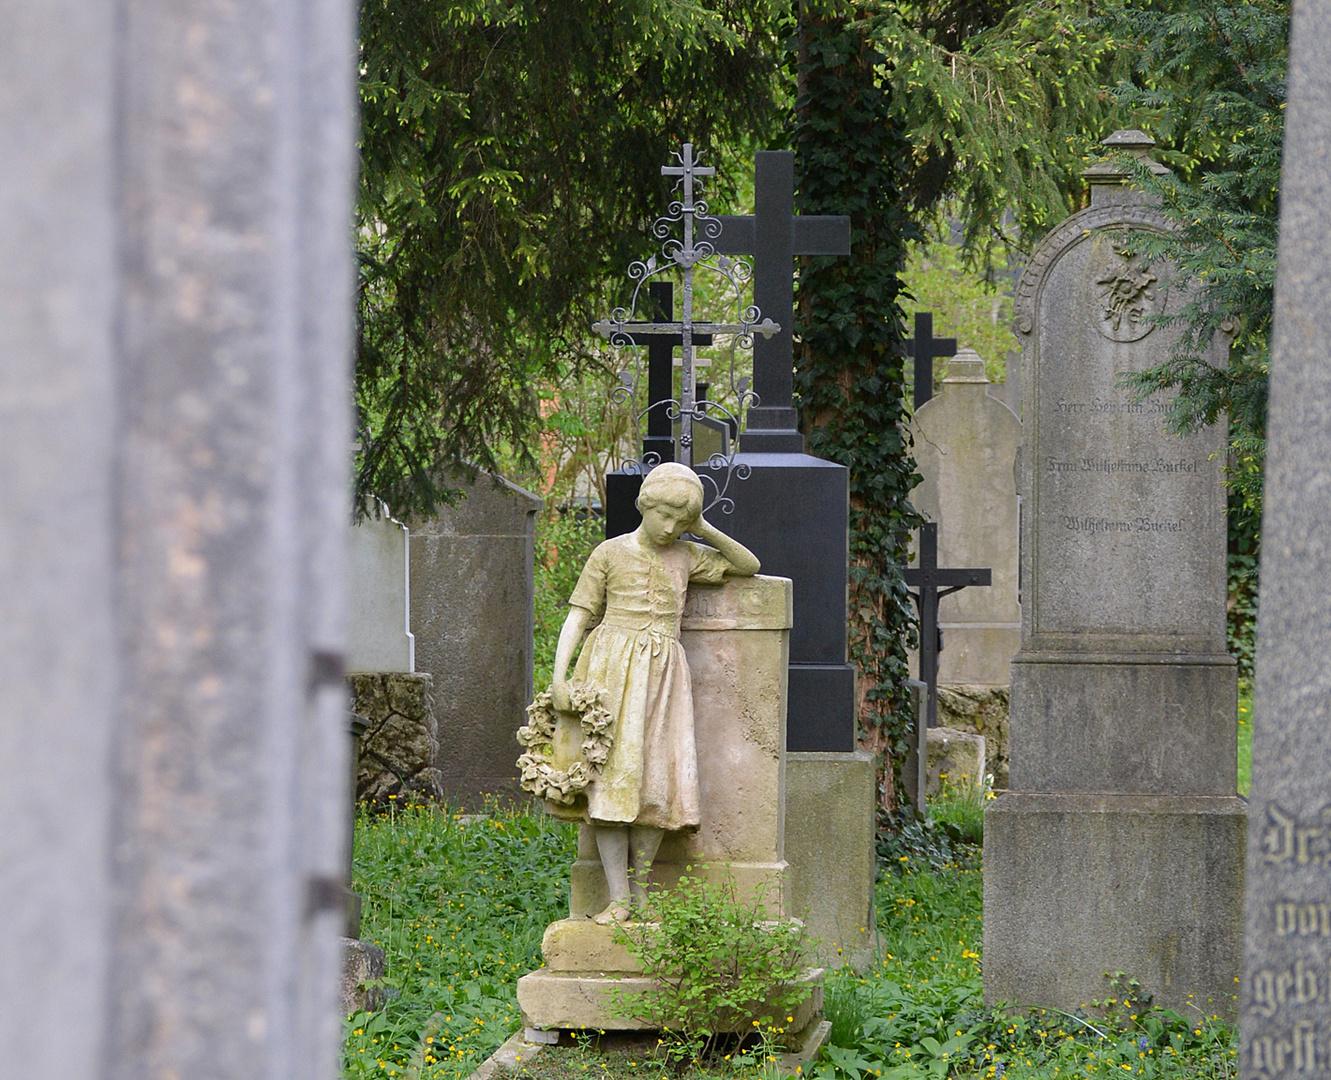 Südfriedhof - Das Mädchen mit dem Kranz